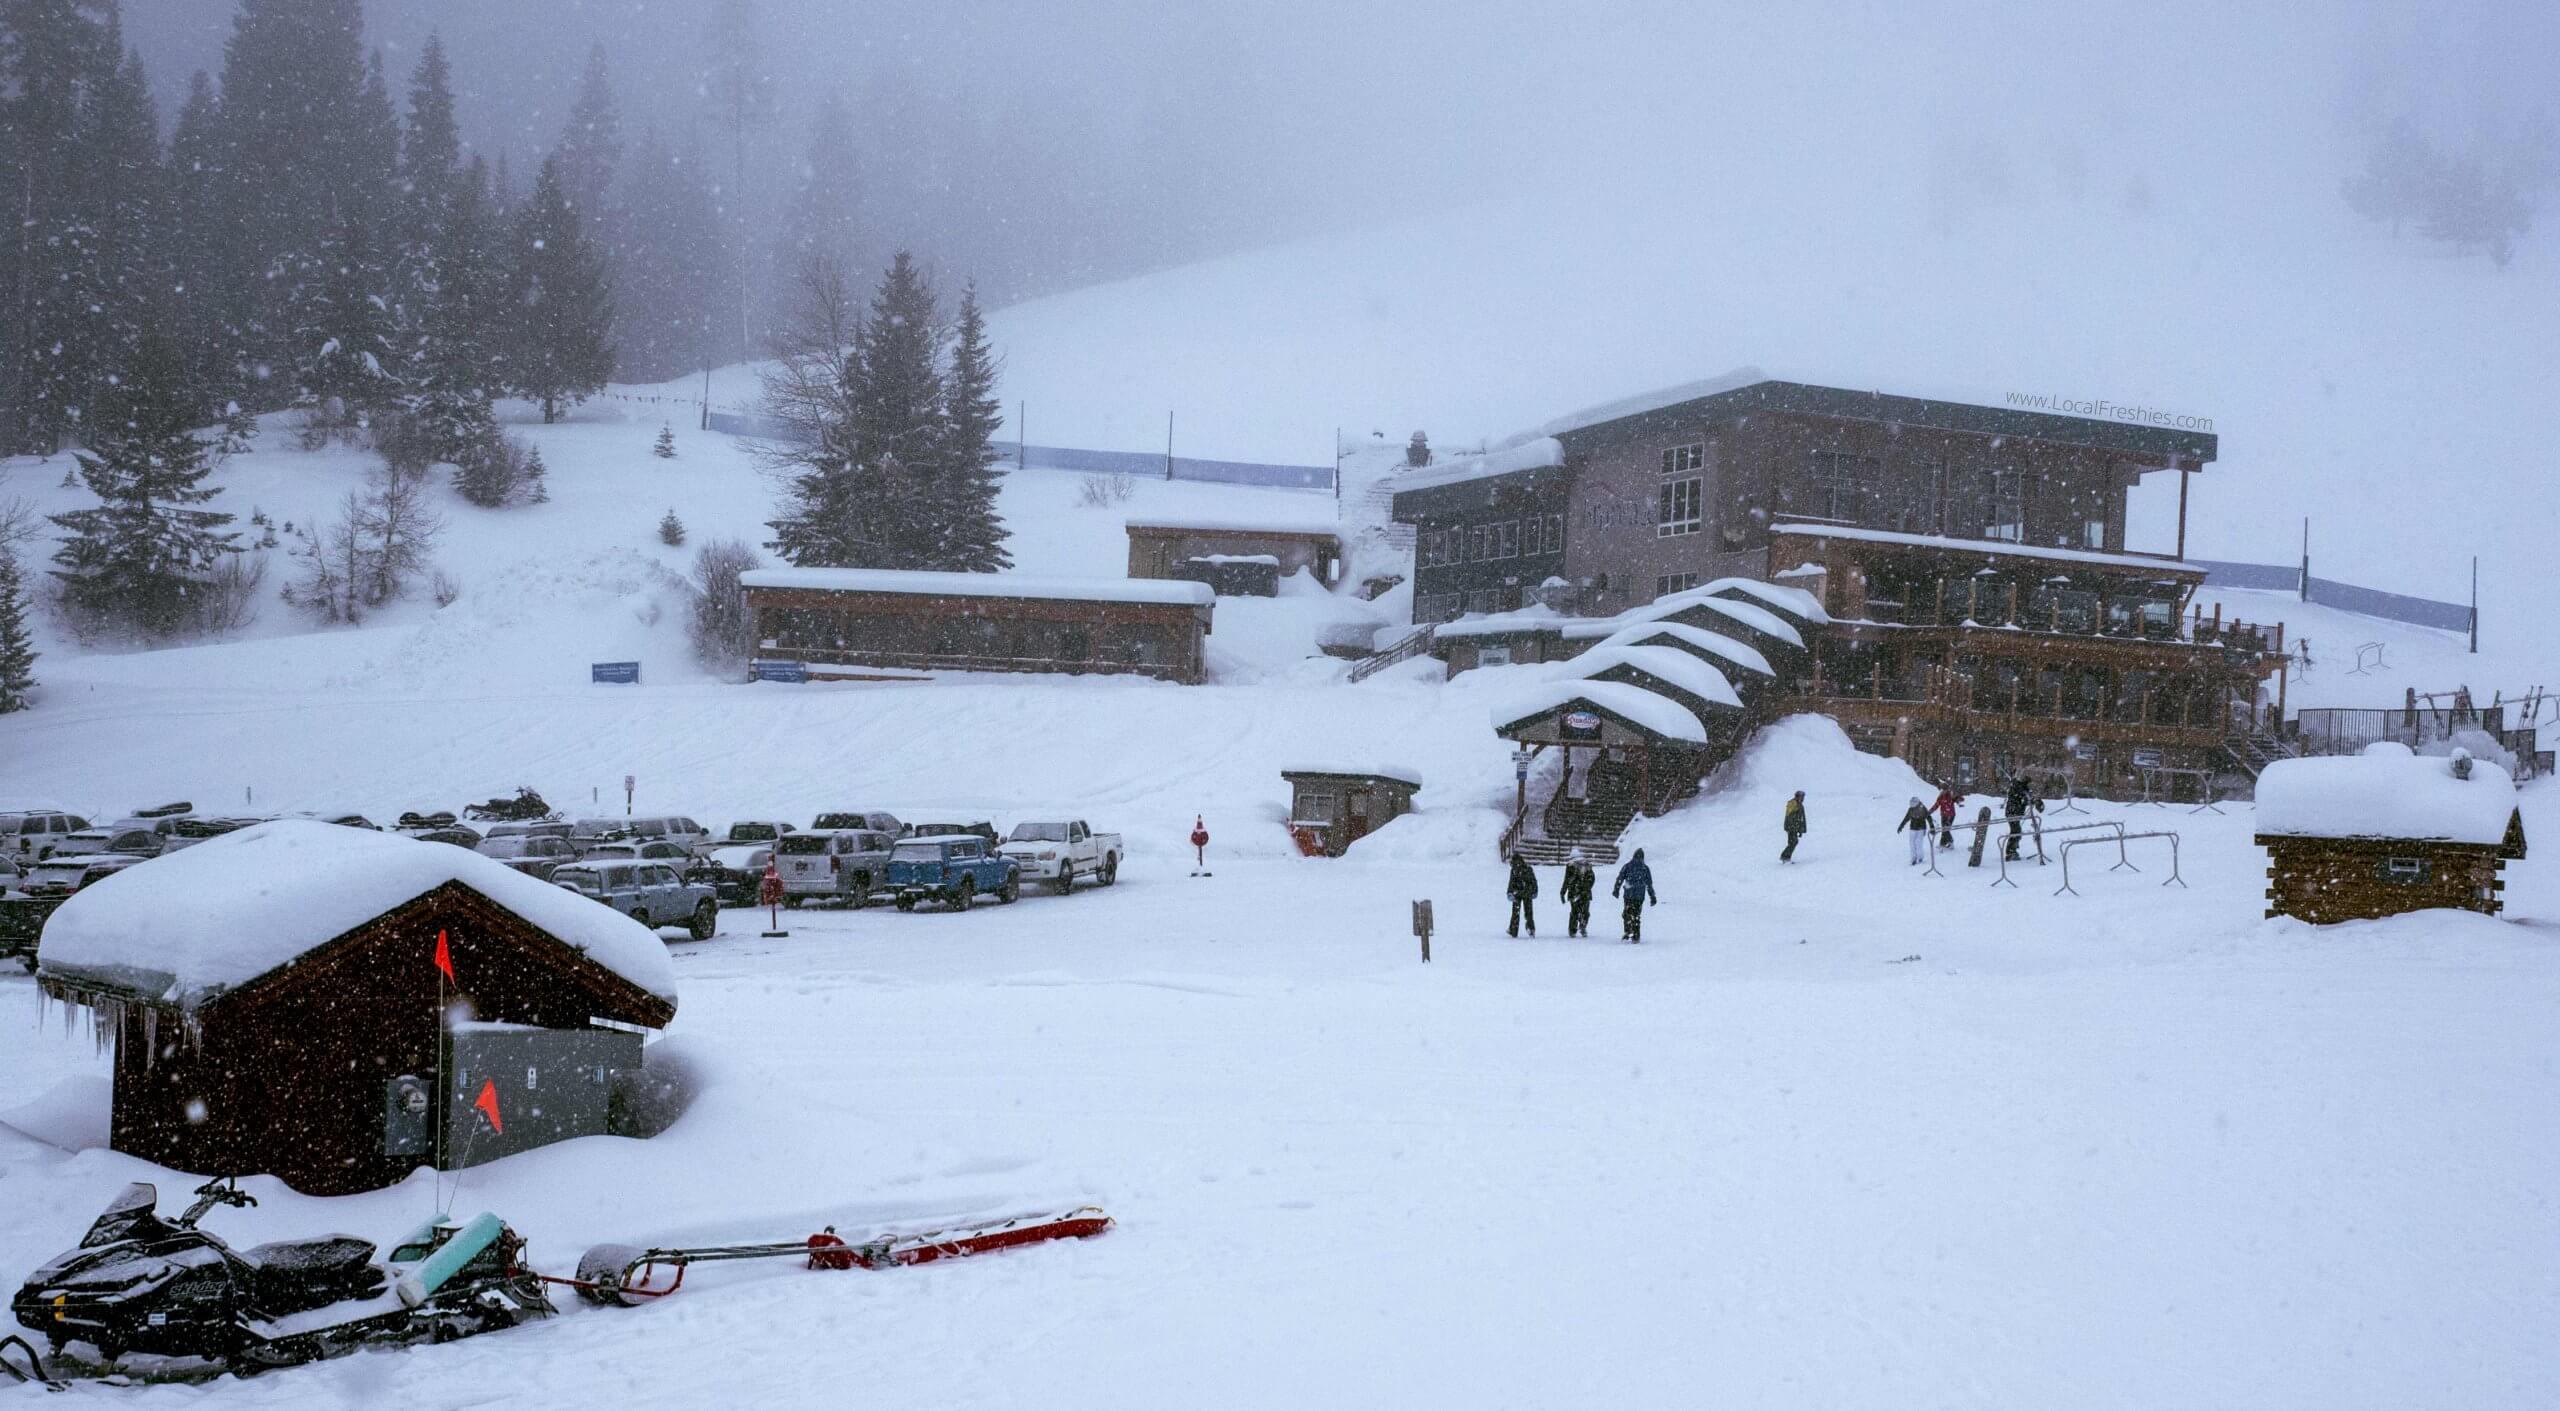 Brundage Mountain Resort